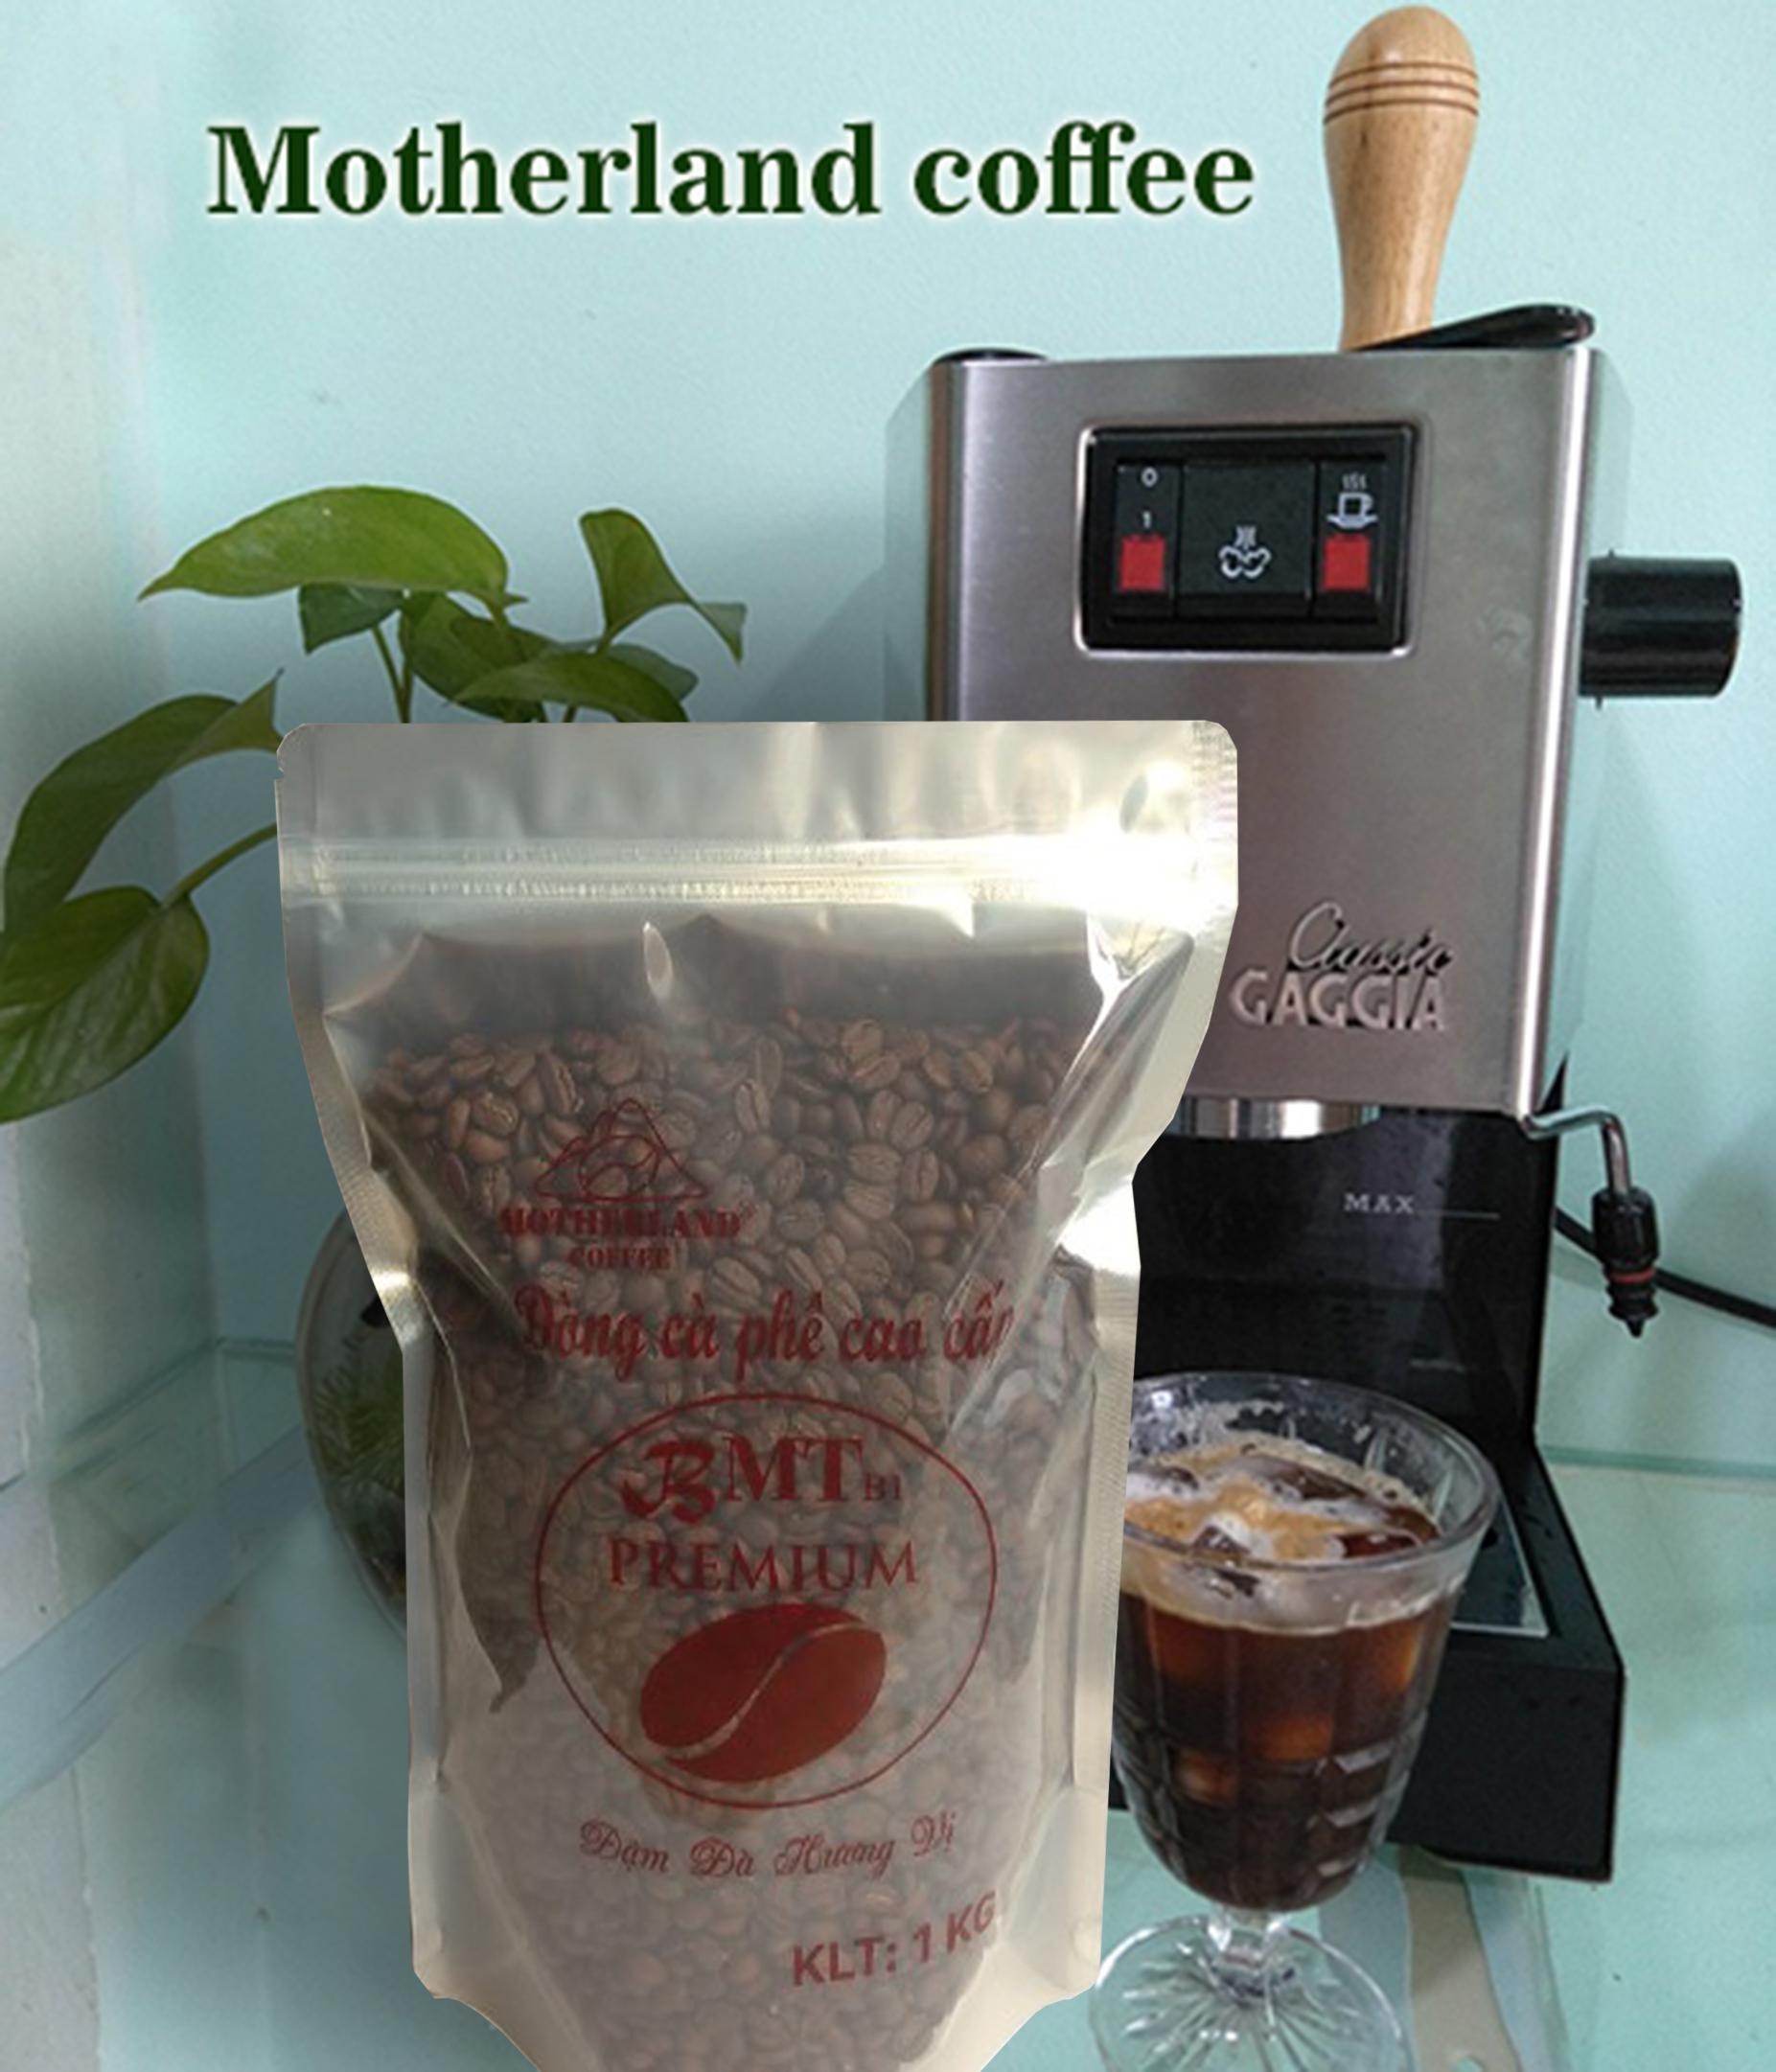 Cà phê hạt rang mộc pha máy